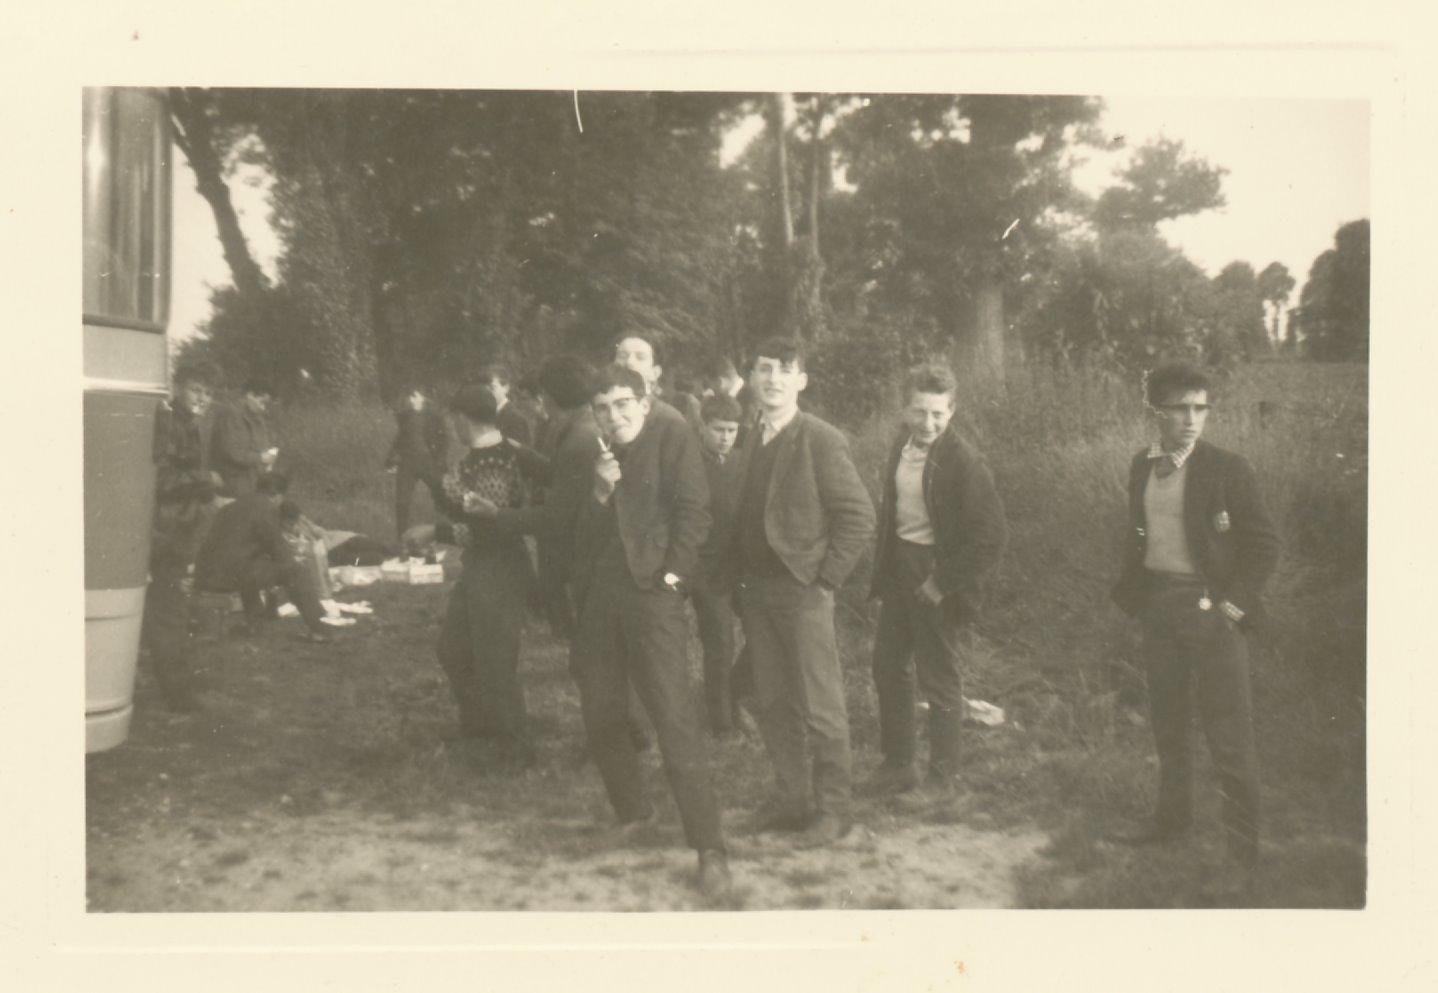 Archives anciens élèves mfr puy-sec 1965 (18)